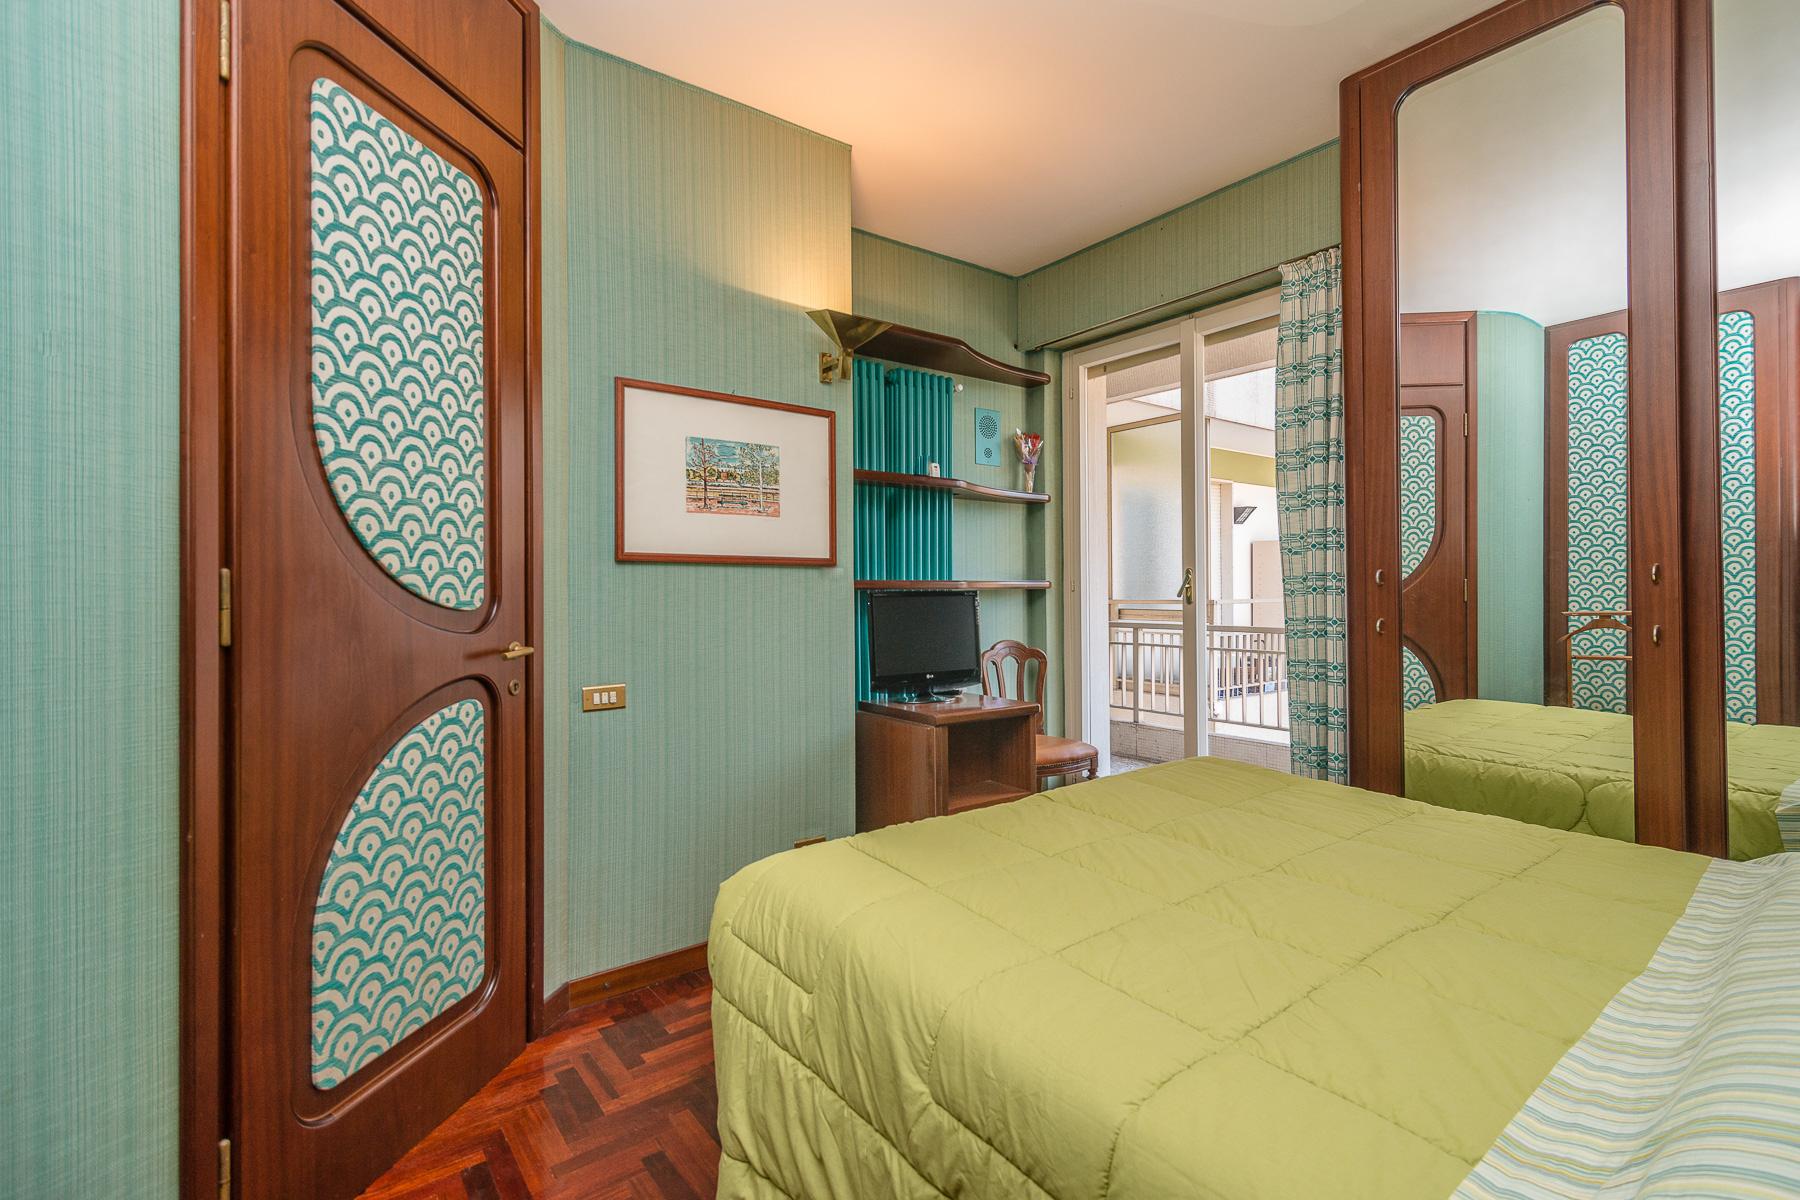 Appartamento in Vendita a Sanremo: 4 locali, 120 mq - Foto 16